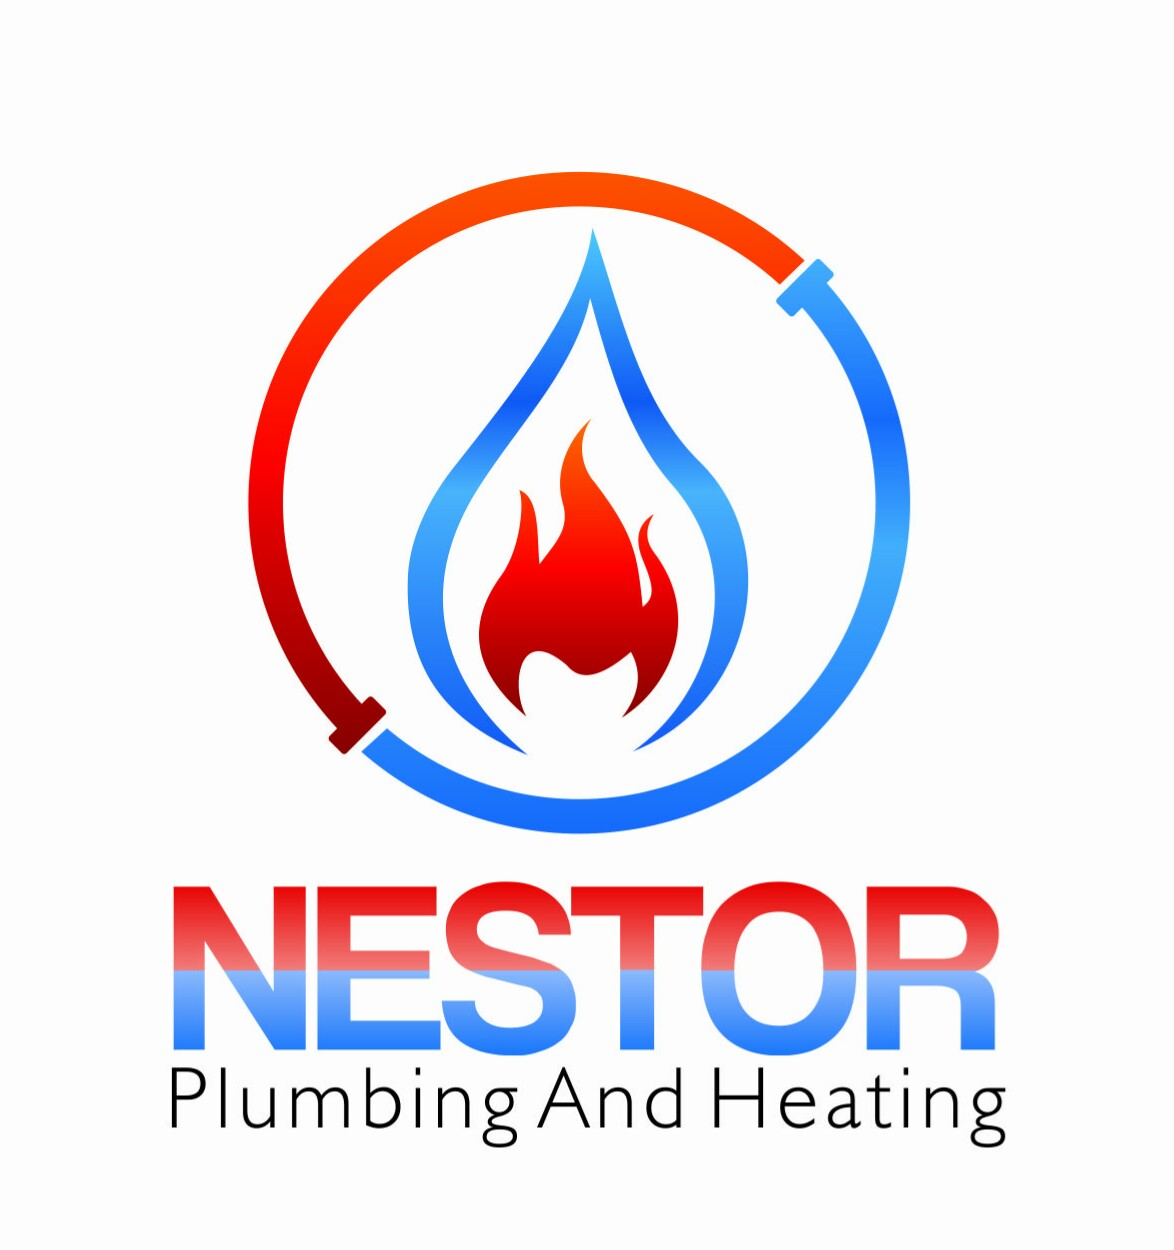 Nestor Plumbing & Heating Verified Logo